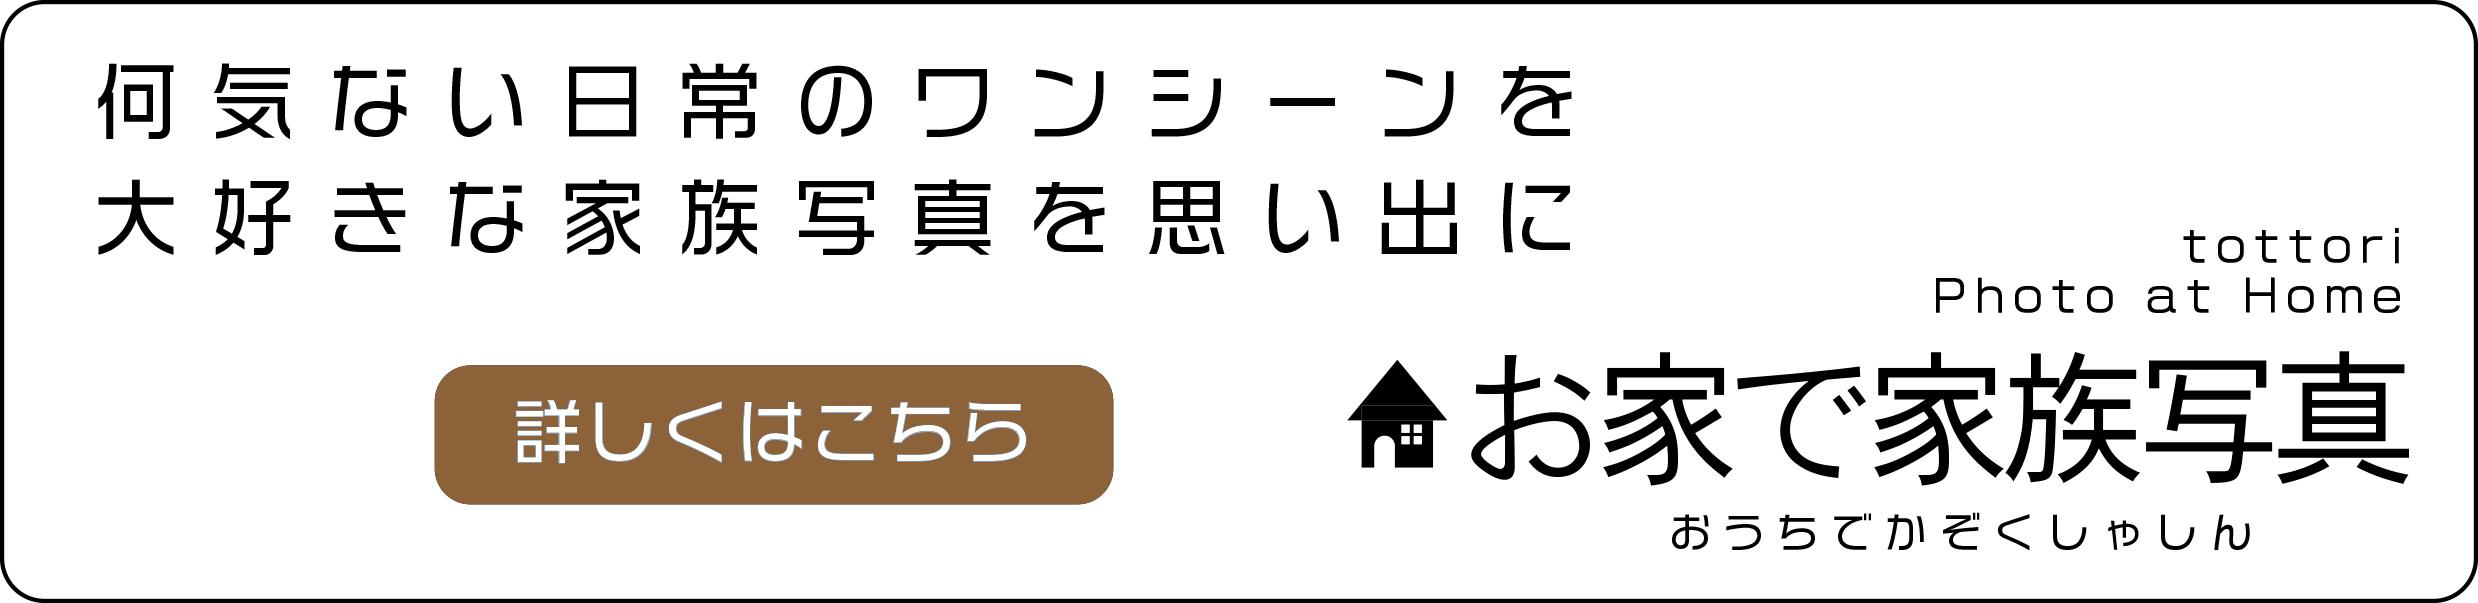 鳥取で大好きなご自宅やお家でご家族のお写真を鳥取ならではで撮影するならマジカルフォトワーク